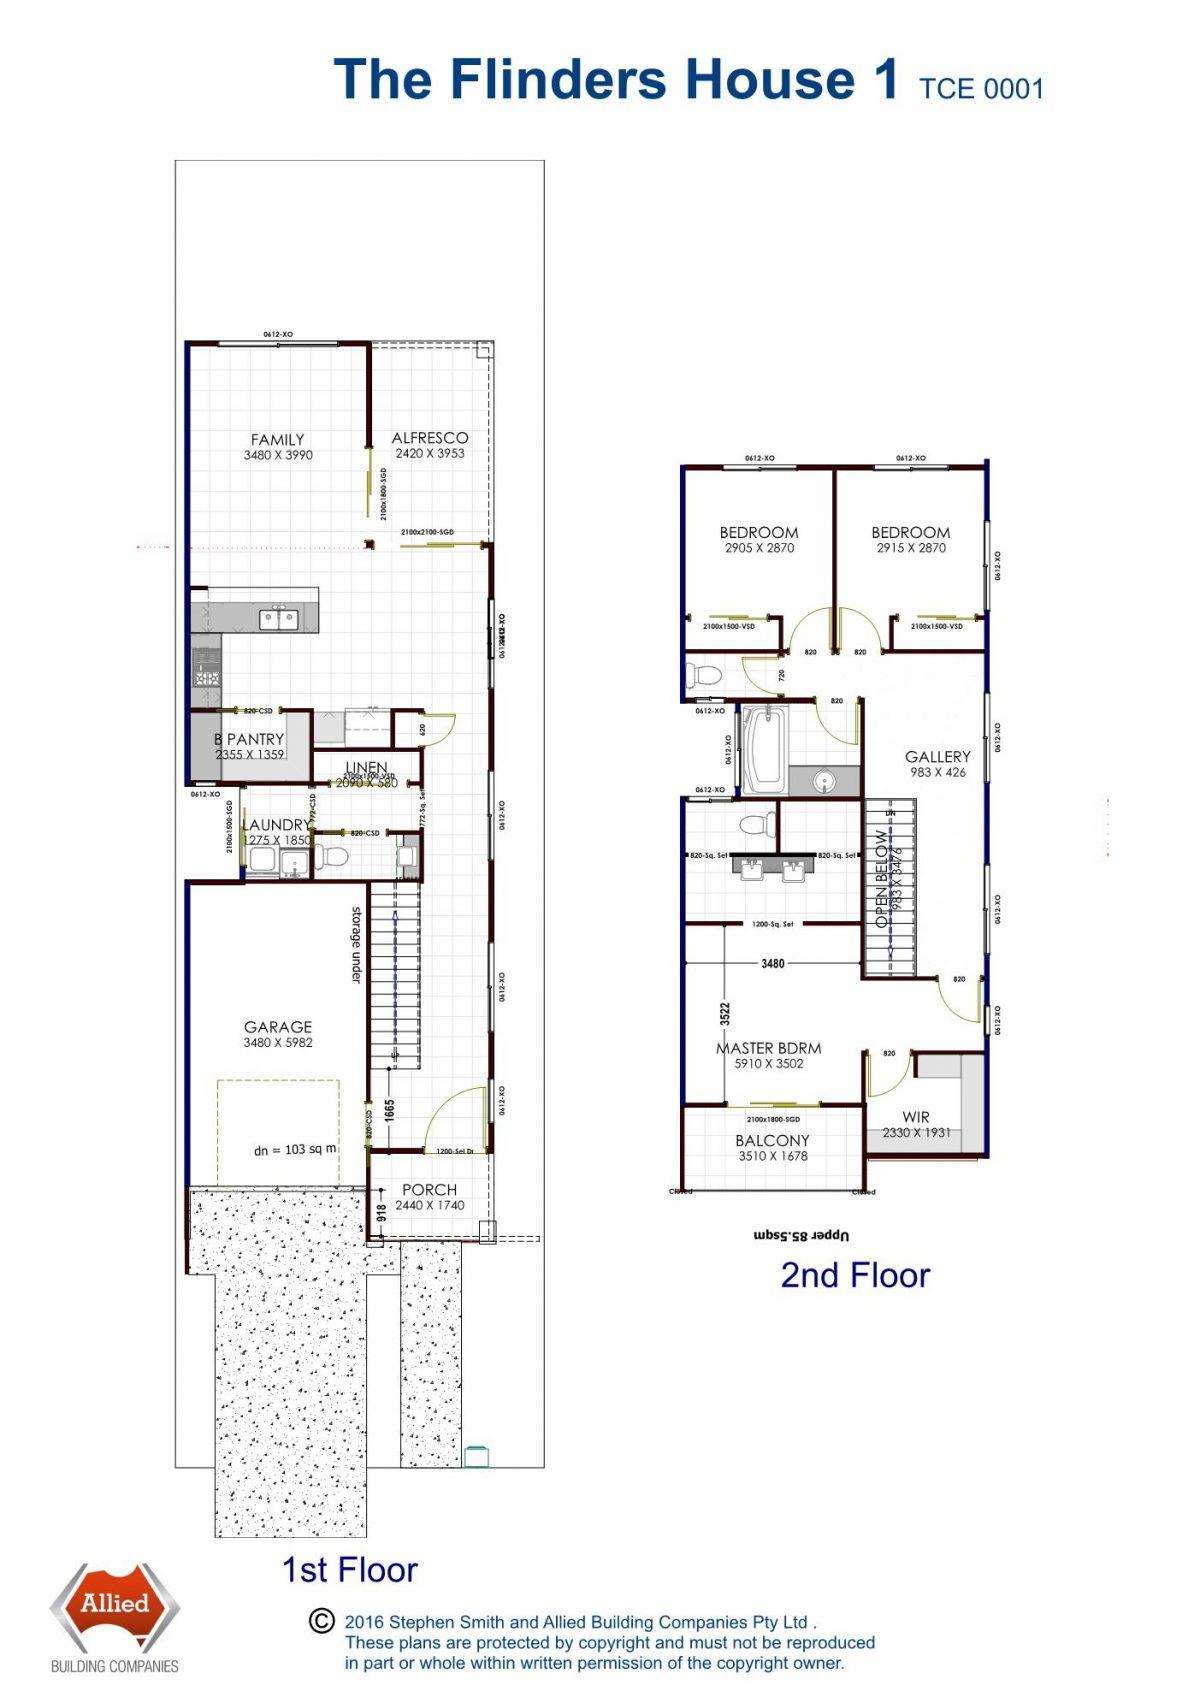 flinders-house-1-floor-plans